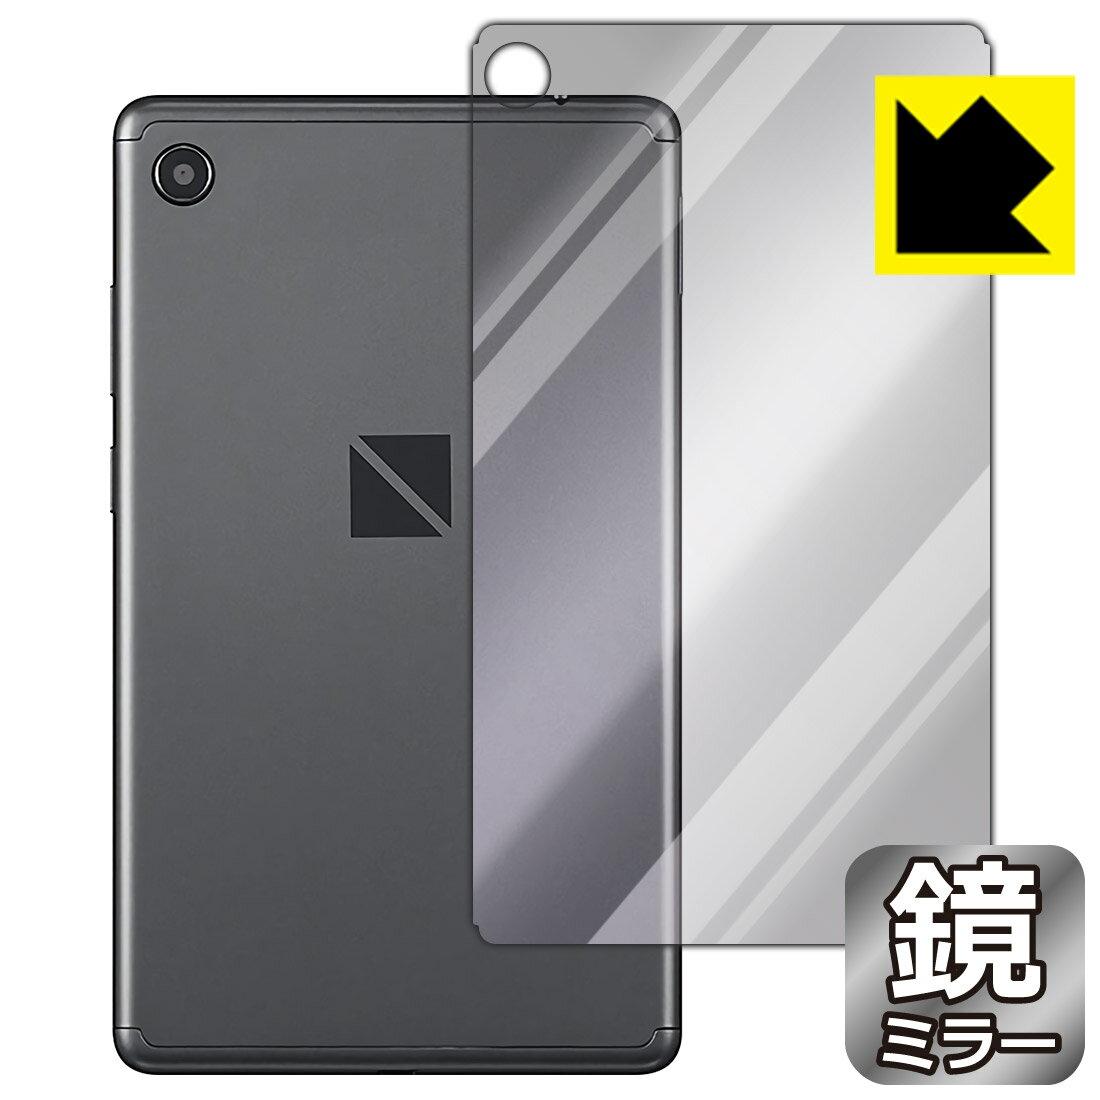 タブレットPCアクセサリー, タブレット用液晶保護フィルム Mirror Shield LAVIE T7 T0755CAS (720218) RCPsmtb-kd